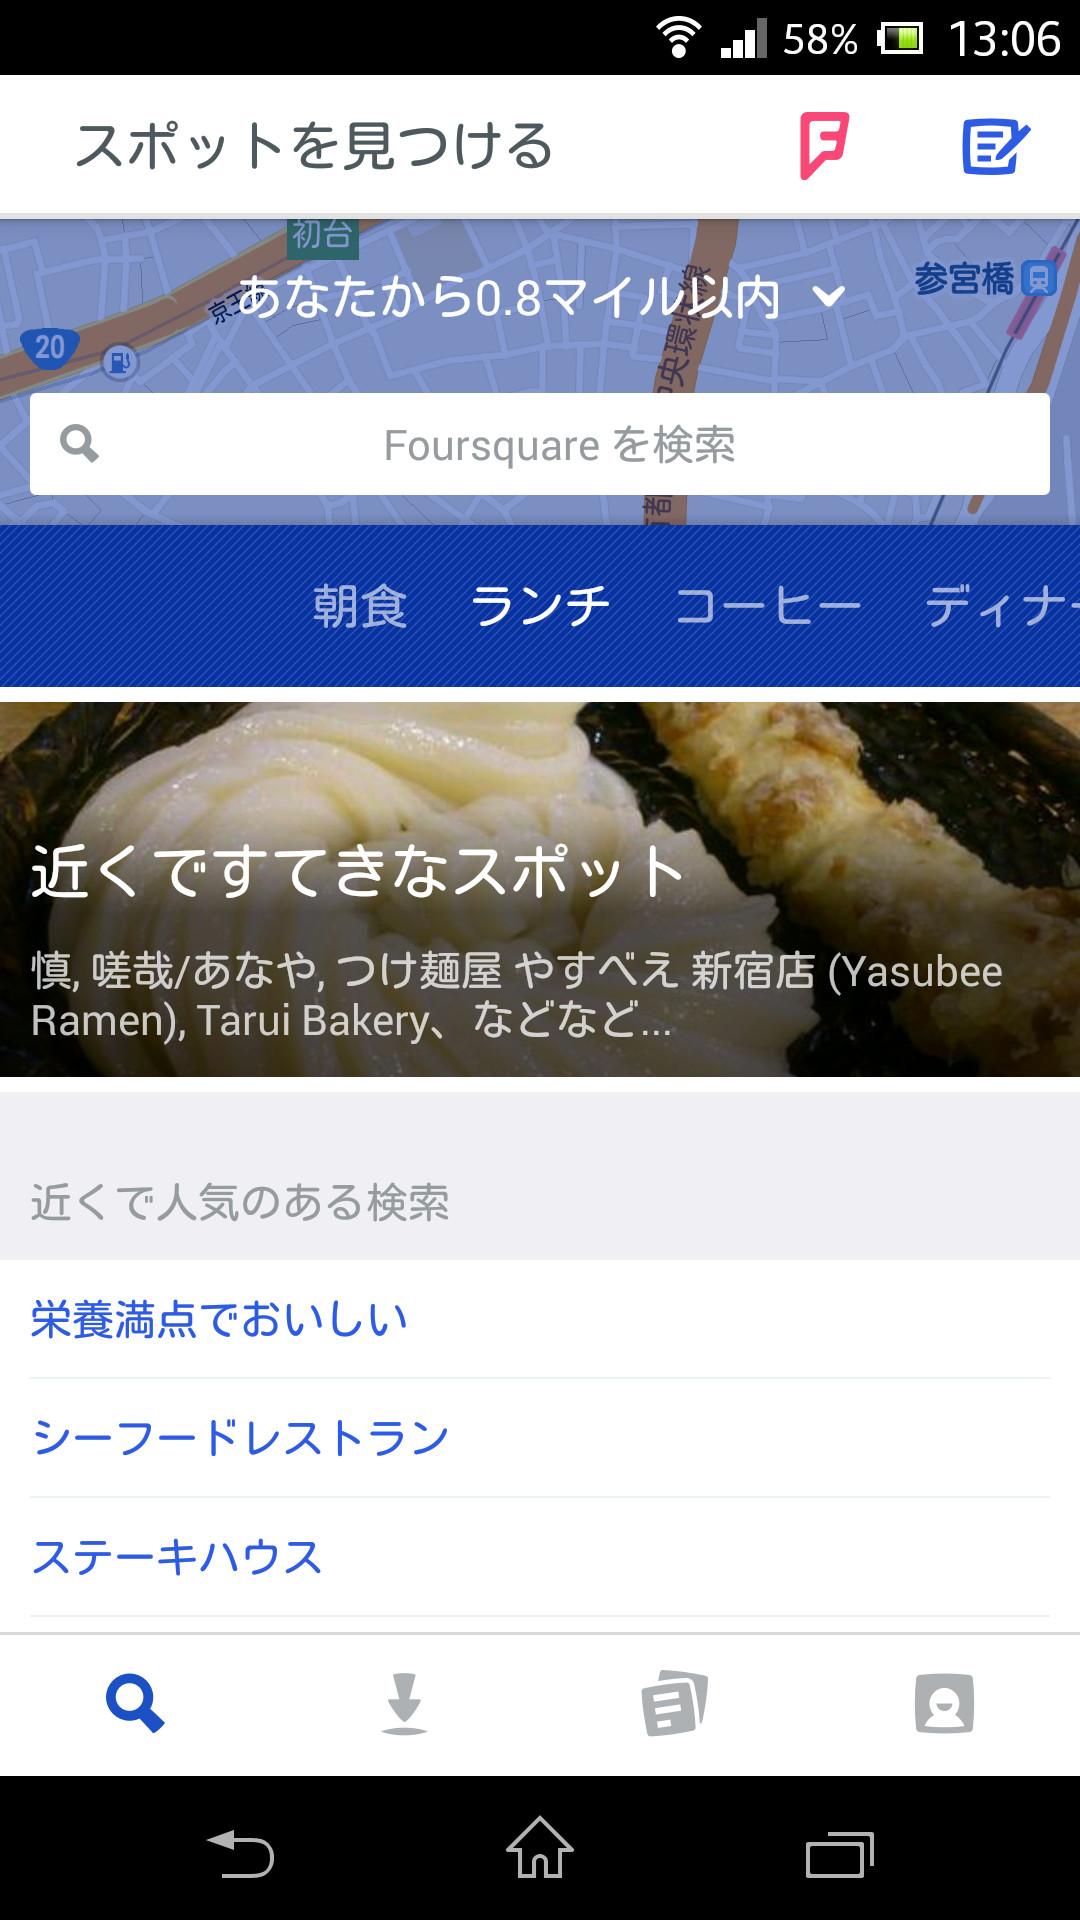 「Foursquare」